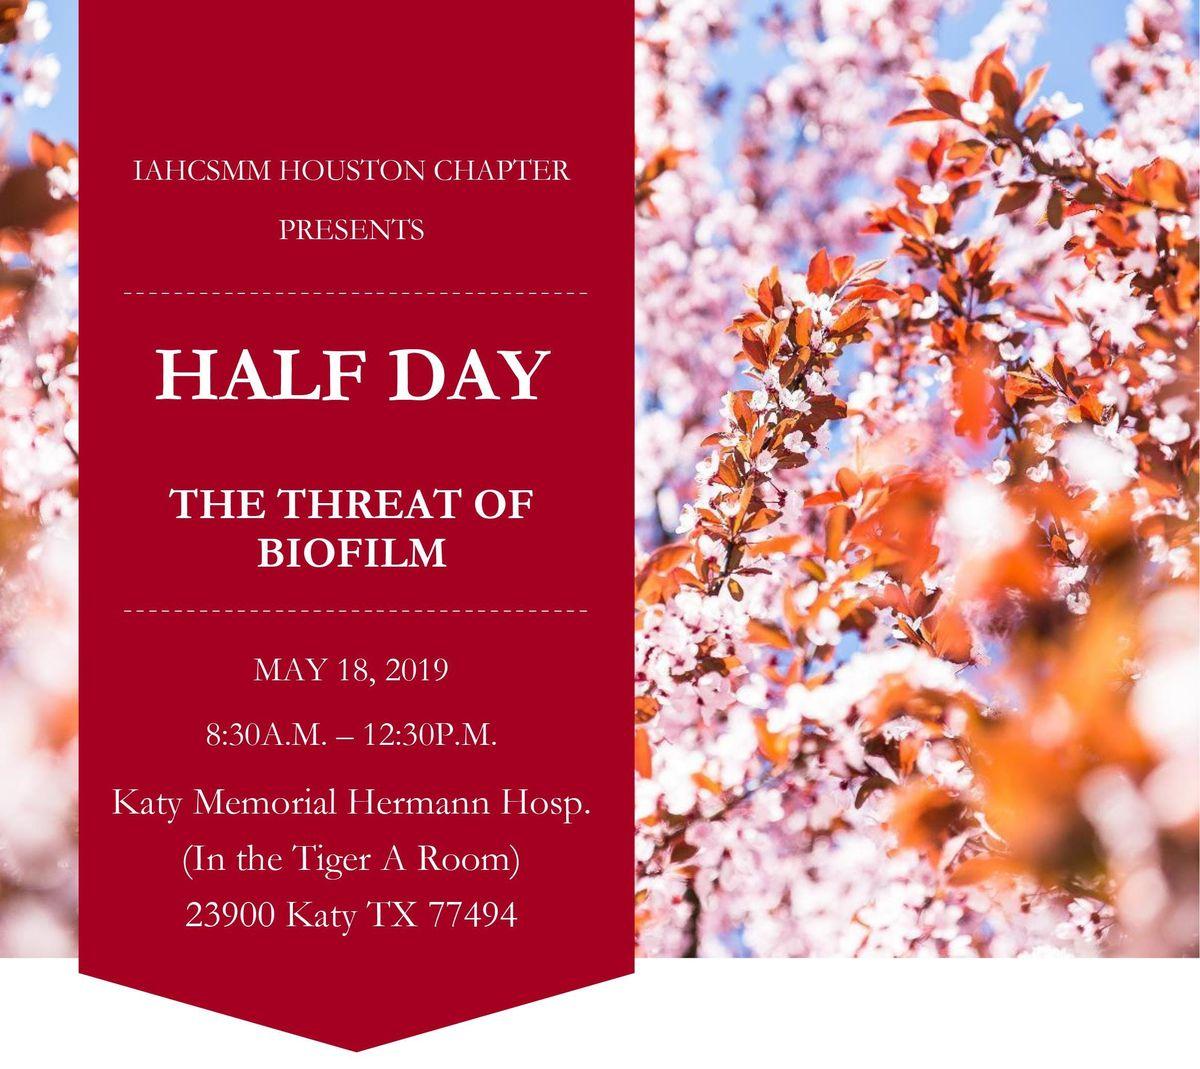 Half Day Seminar: The Threat Of Biofilm at Memorial Hermann